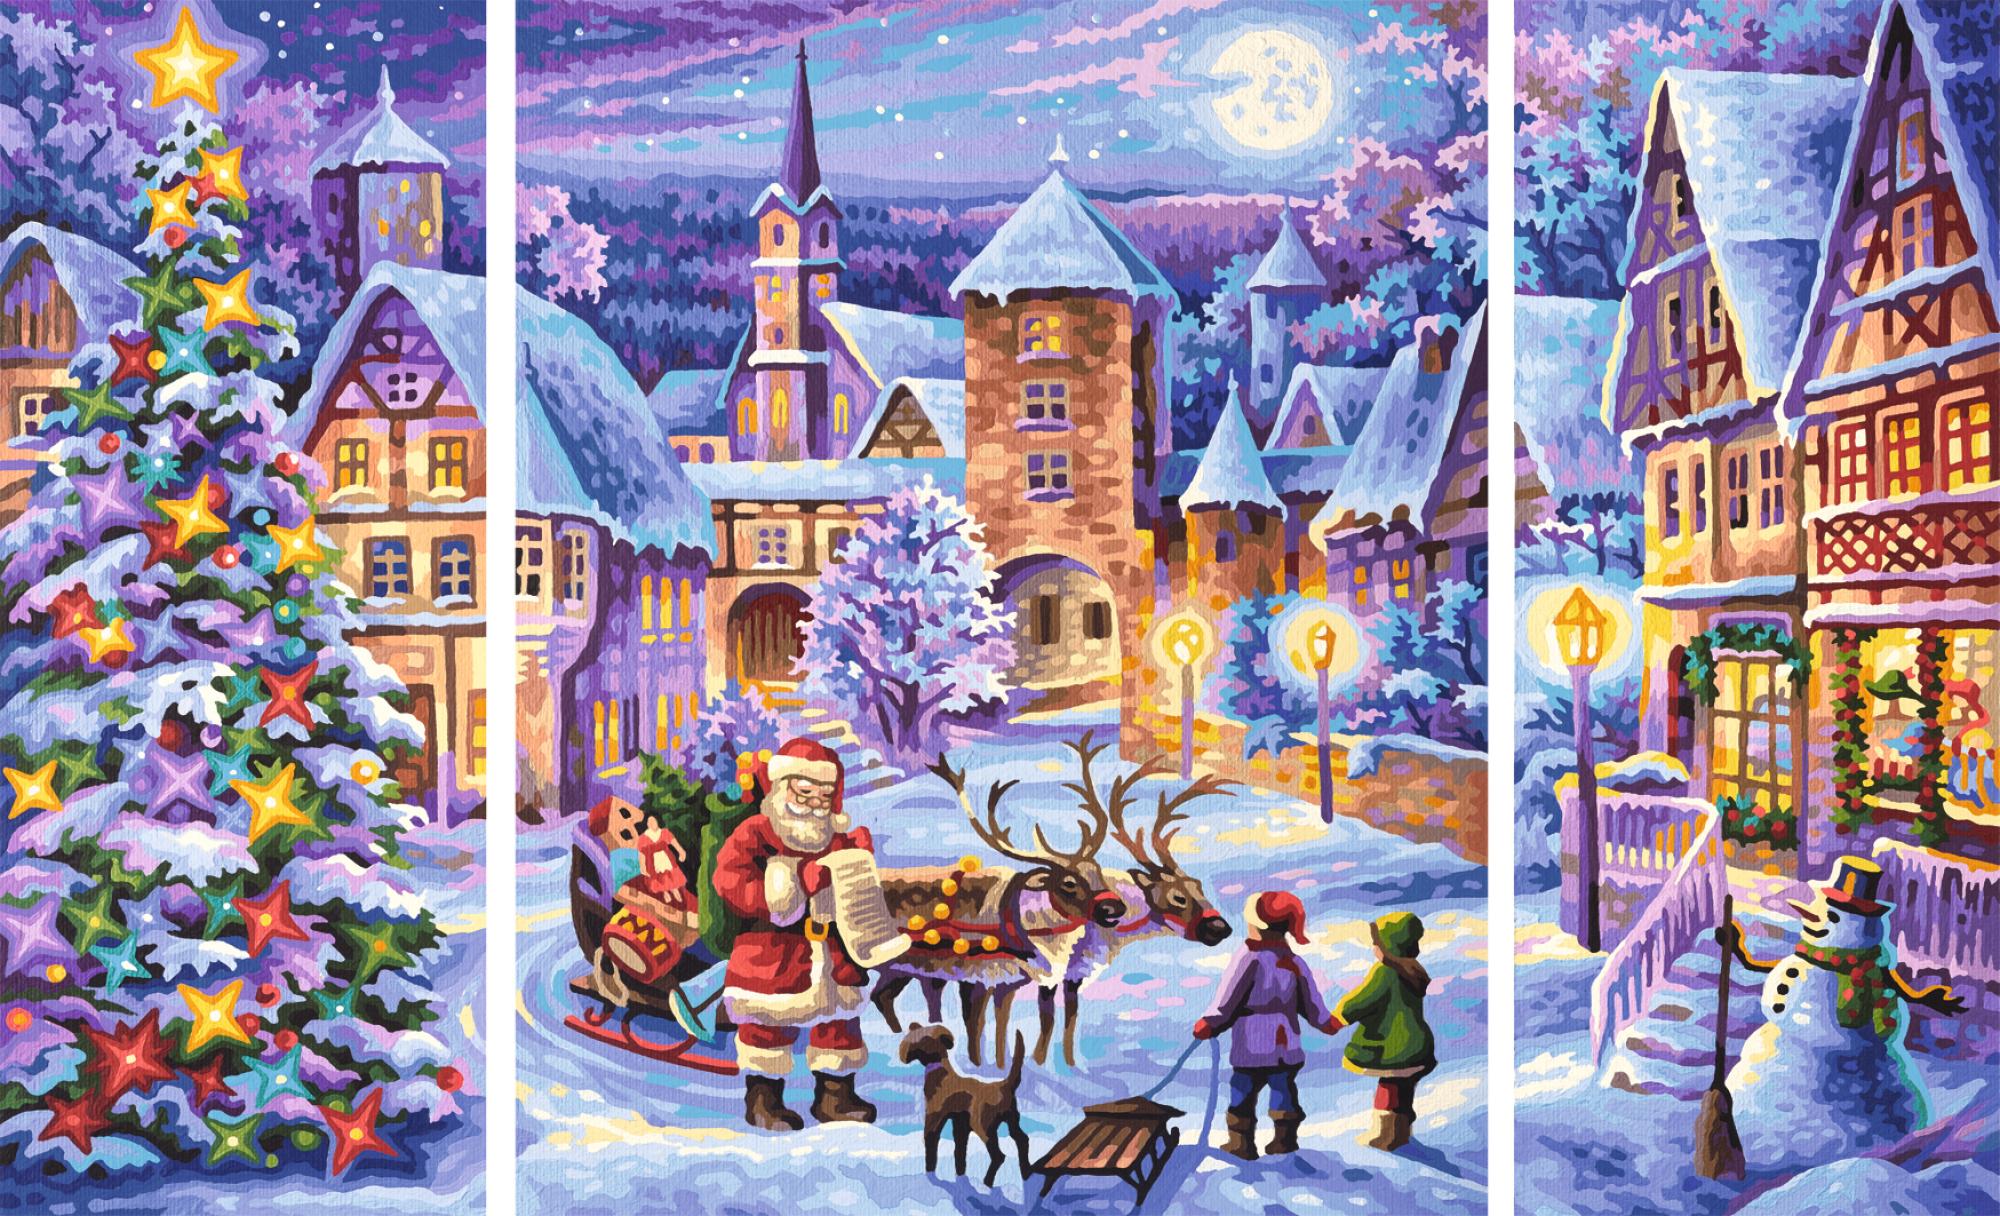 schipper 609260730 wei e weihnacht triptychon malen nach zahlen ebay. Black Bedroom Furniture Sets. Home Design Ideas